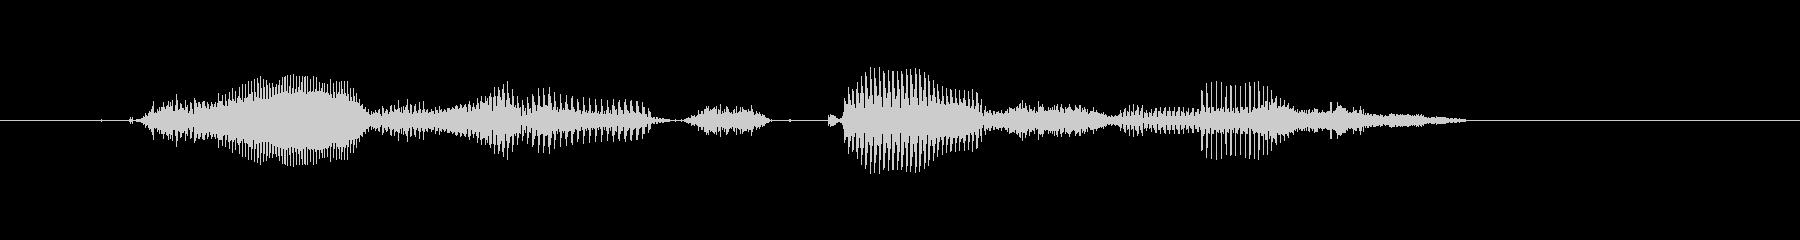 【時報・時間】10時をお伝えしますの未再生の波形